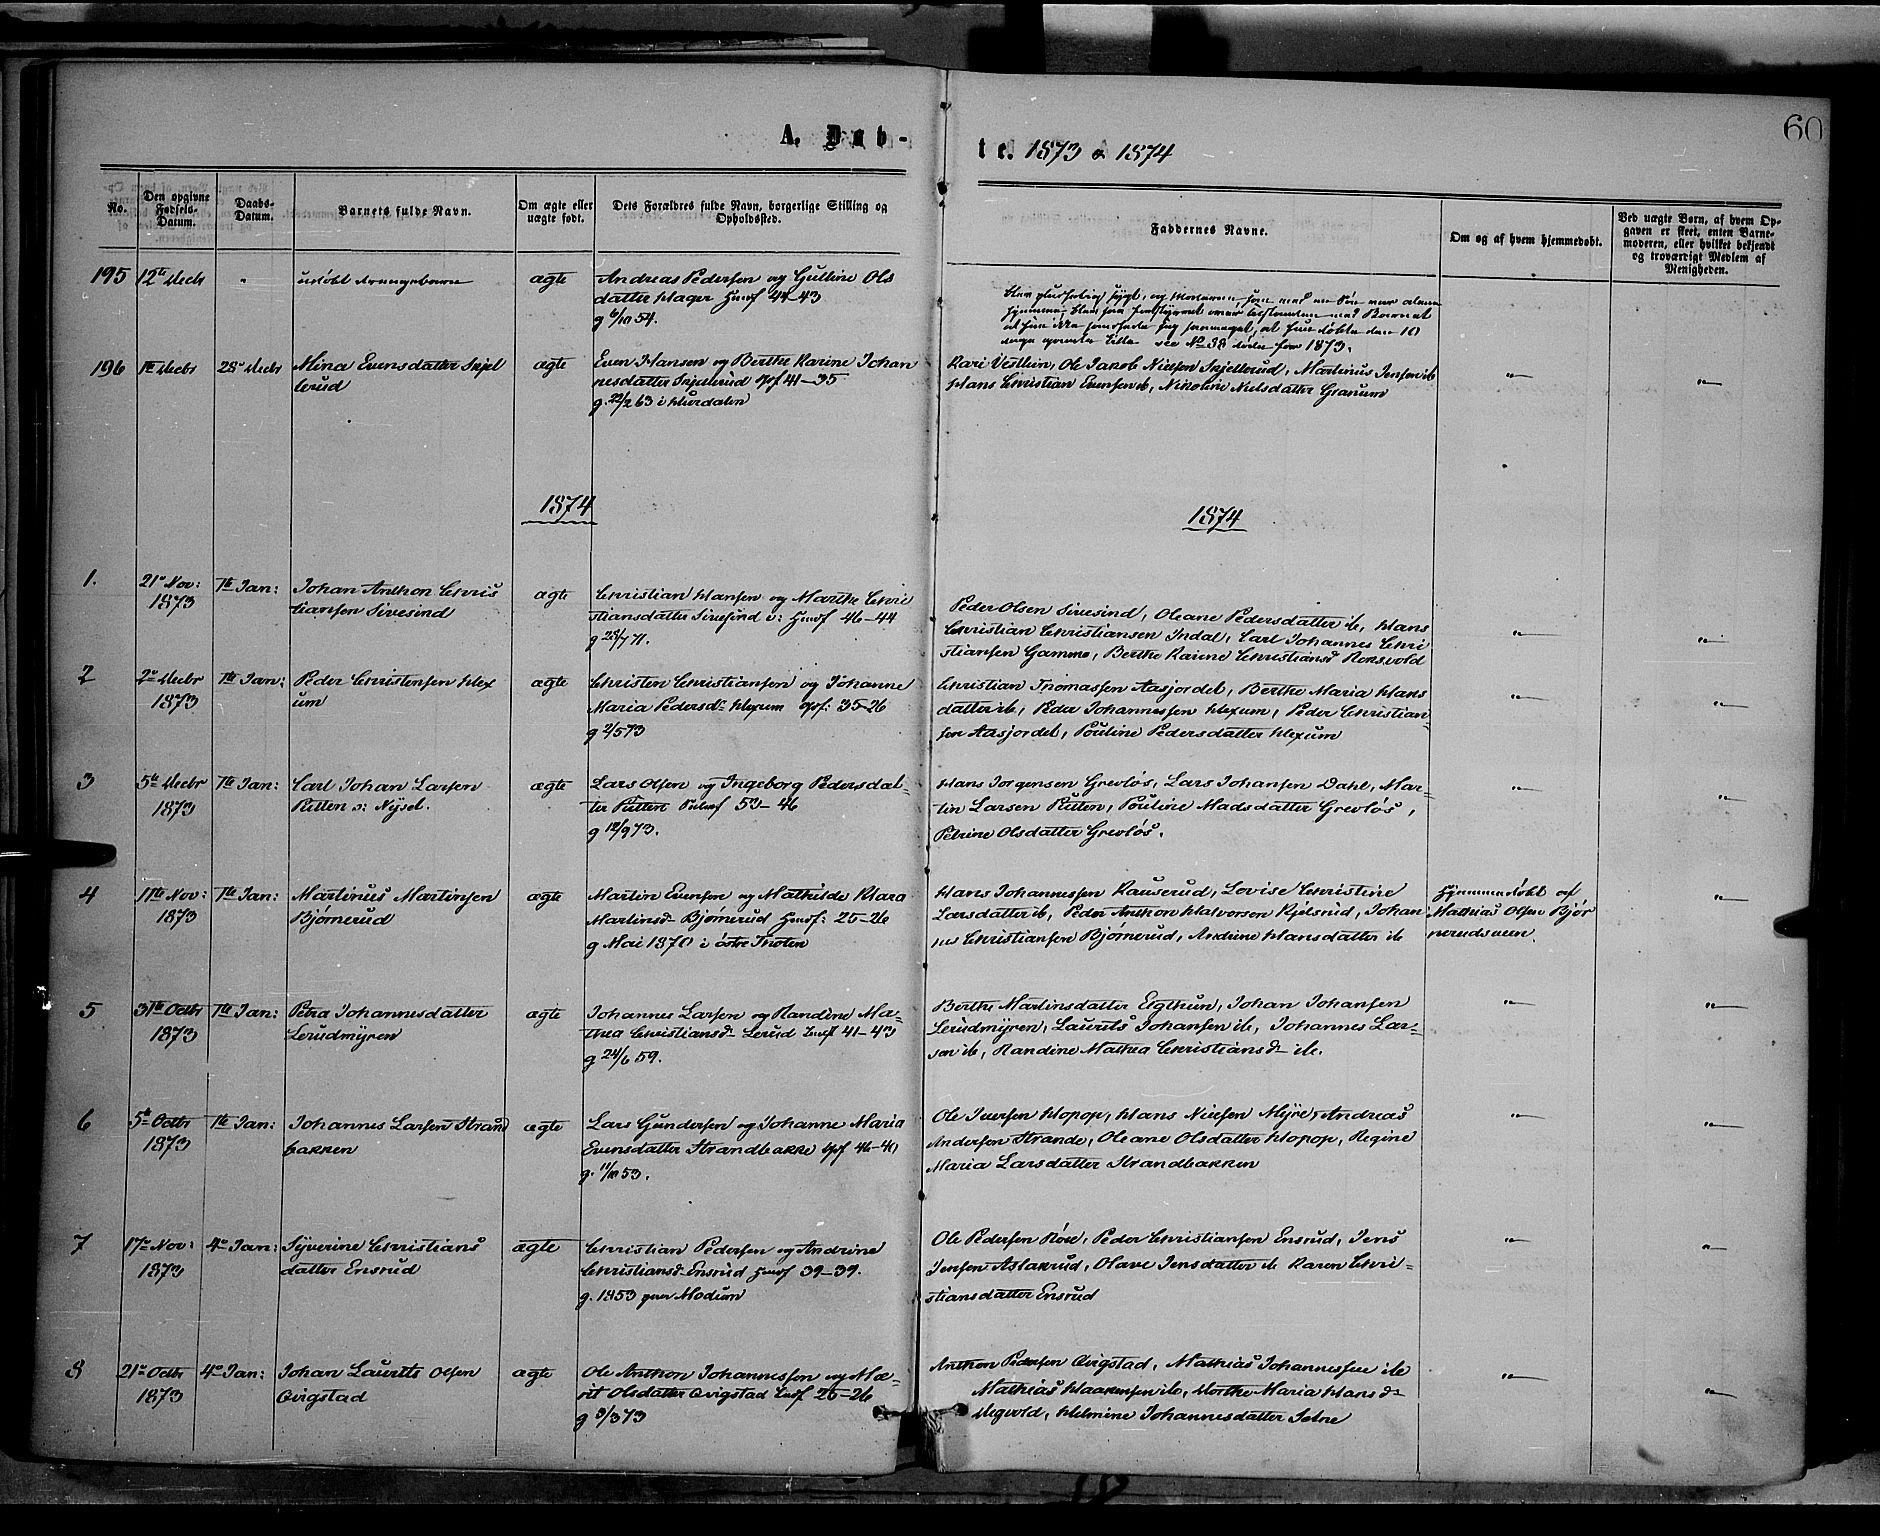 SAH, Vestre Toten prestekontor, Ministerialbok nr. 8, 1870-1877, s. 60